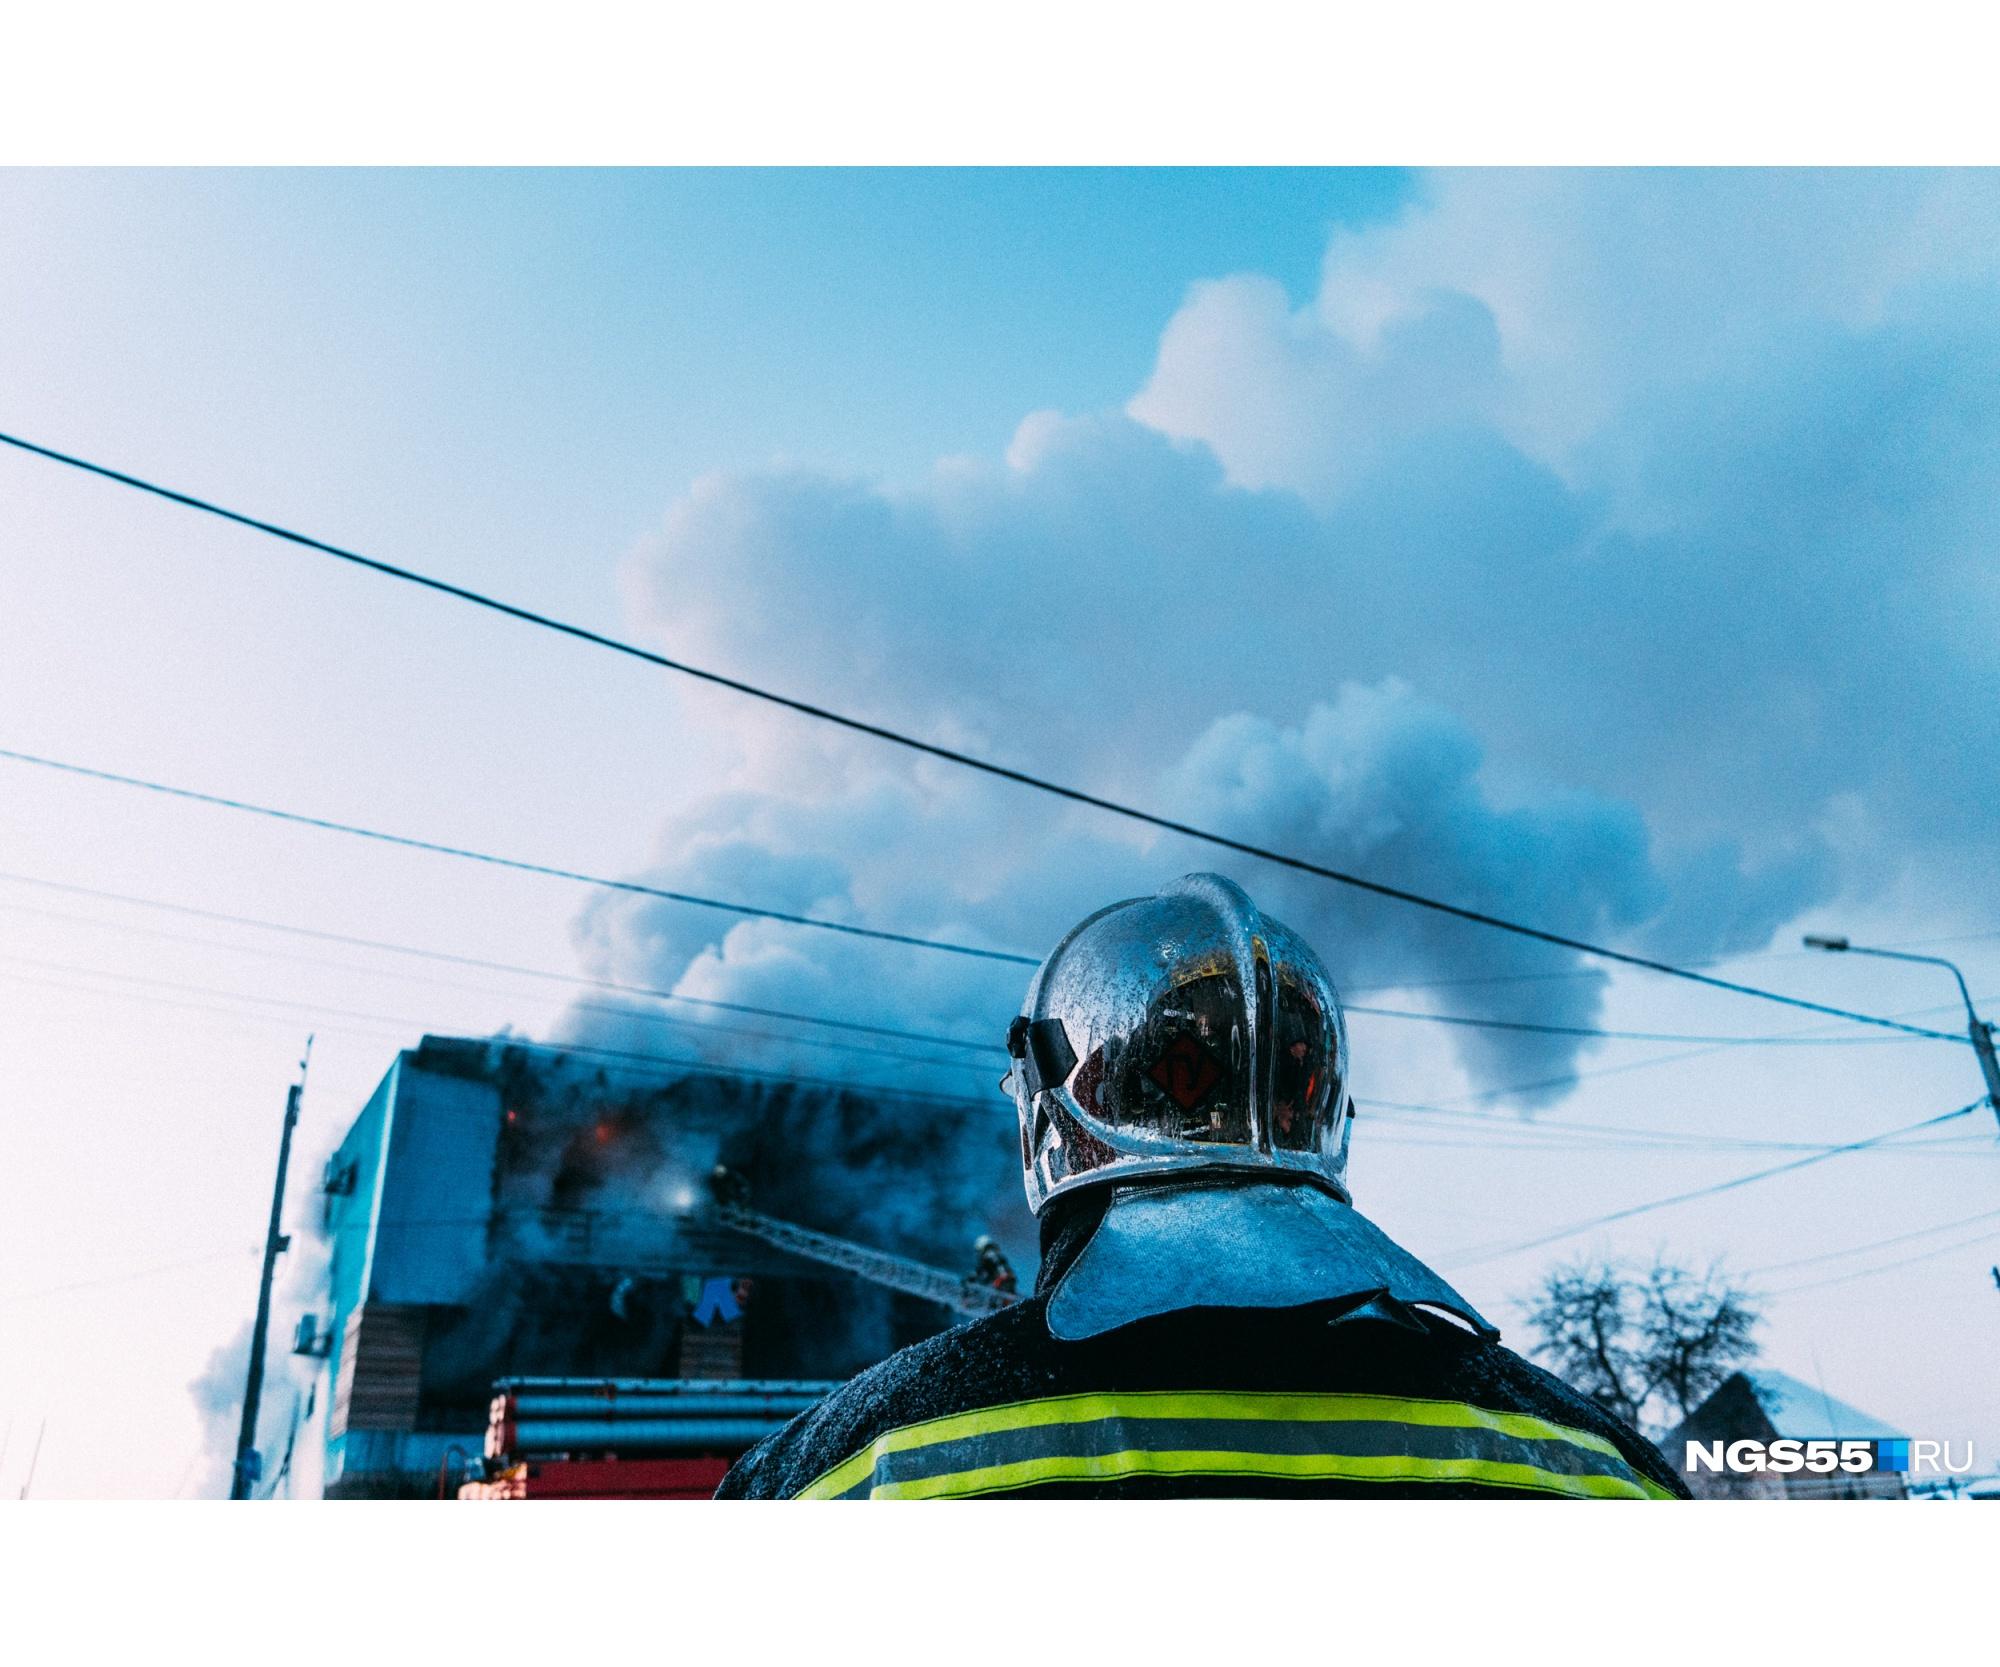 Спасателям пришлось забраться вглубь горящего здания по пожарной лестнице